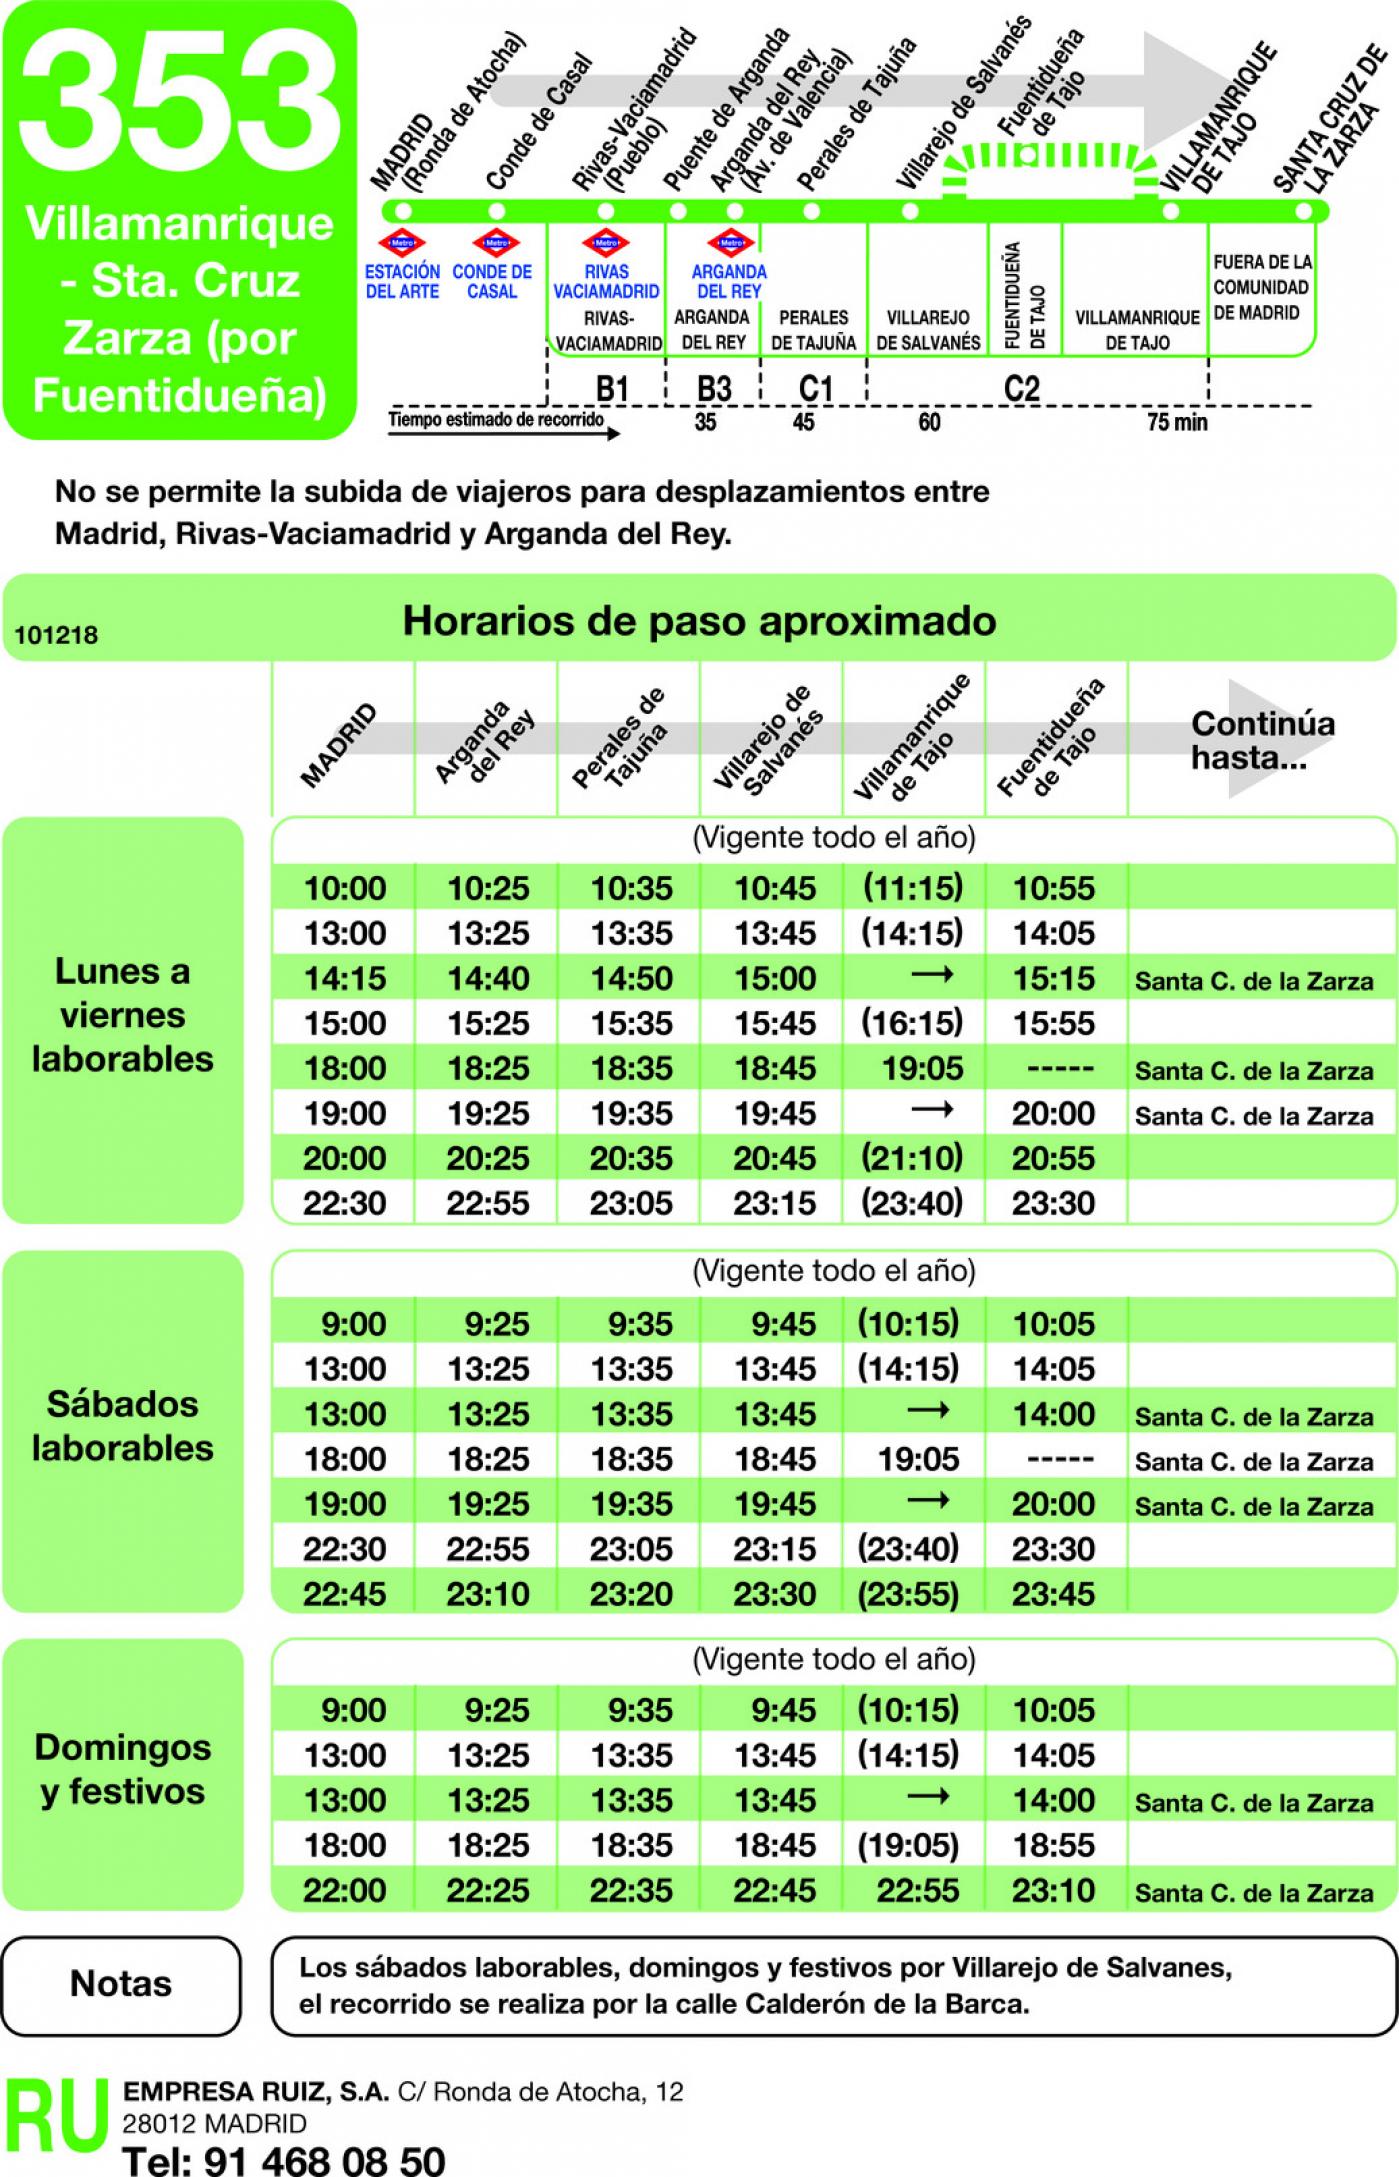 Tabla de horarios y frecuencias de paso en sentido ida Línea 353: Madrid (Ronda Atocha) - Villamanrique - Santa Cruz